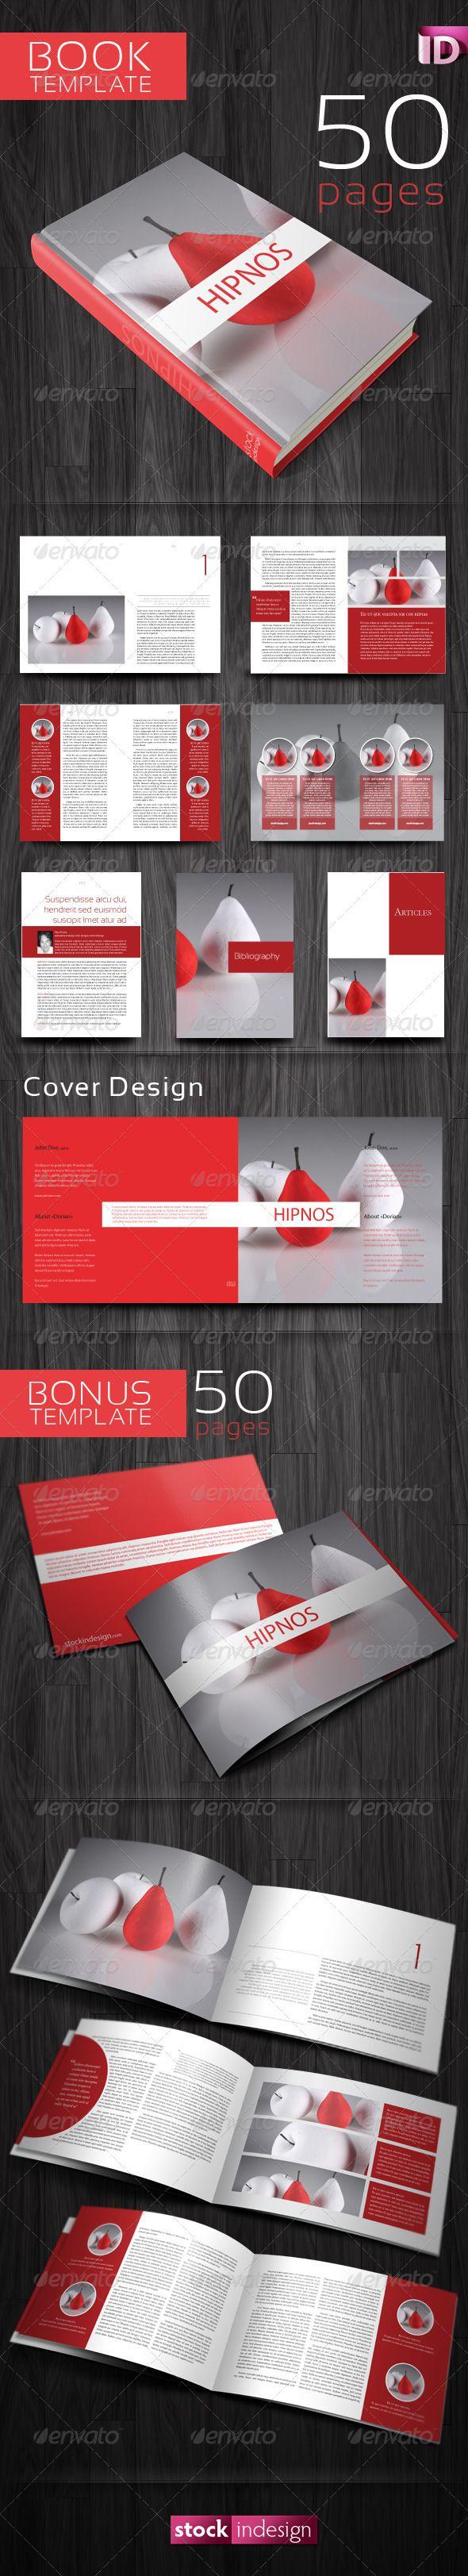 Hipnos: InDesign Book Templates